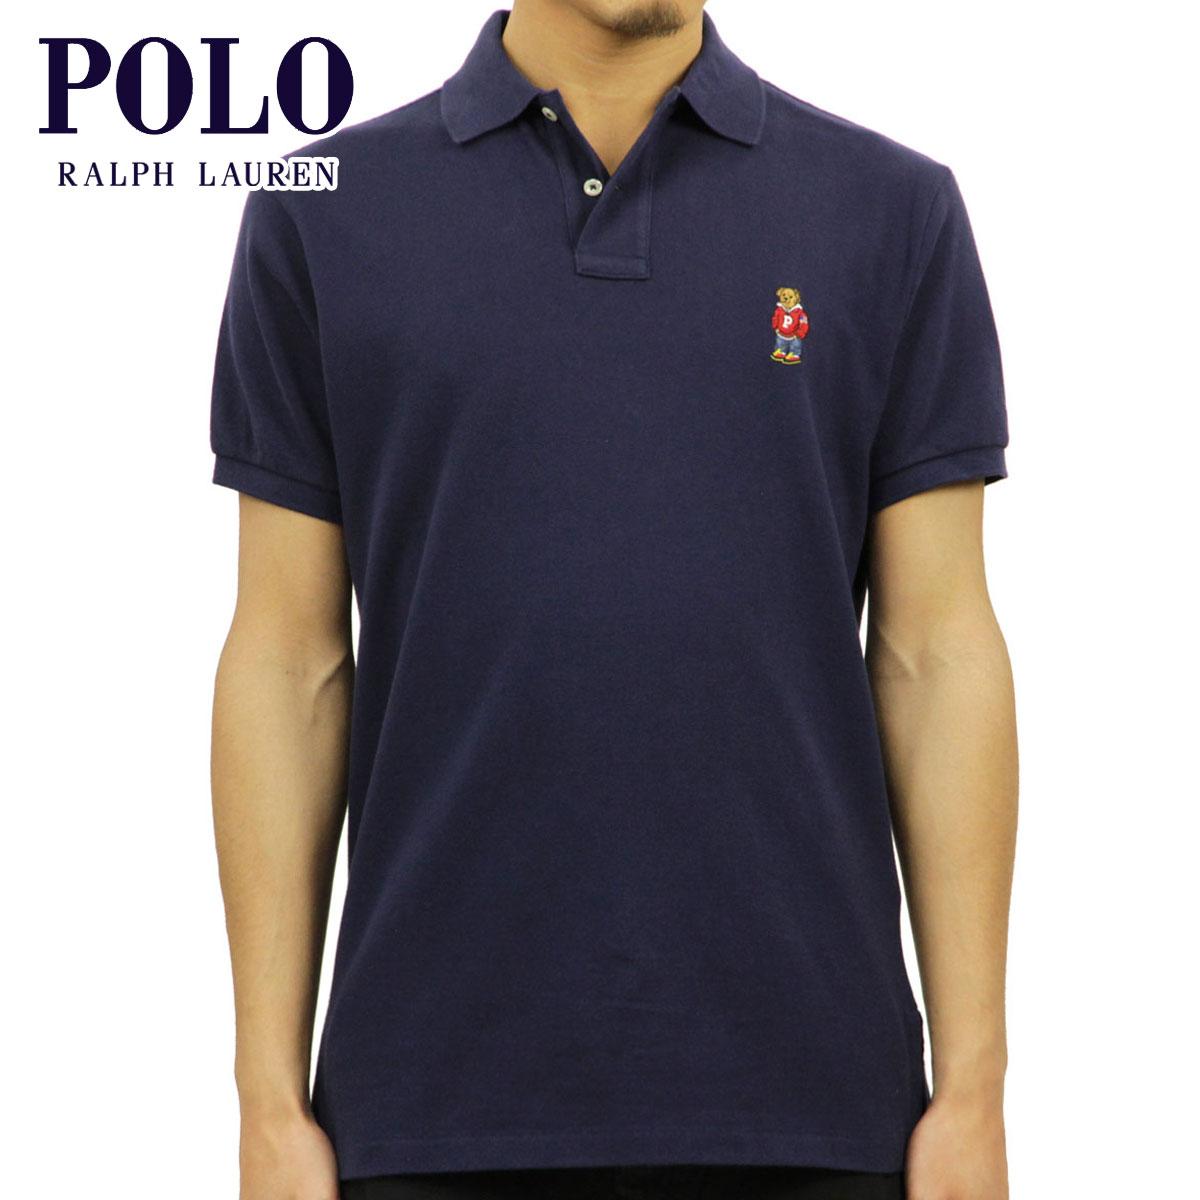 ポロ ラルフローレン POLO RALPH LAUREN 正規品 メンズ カスタムフィット 半袖ポロシャツ POLO BEAR CUSTOM FIT COTTON POLO